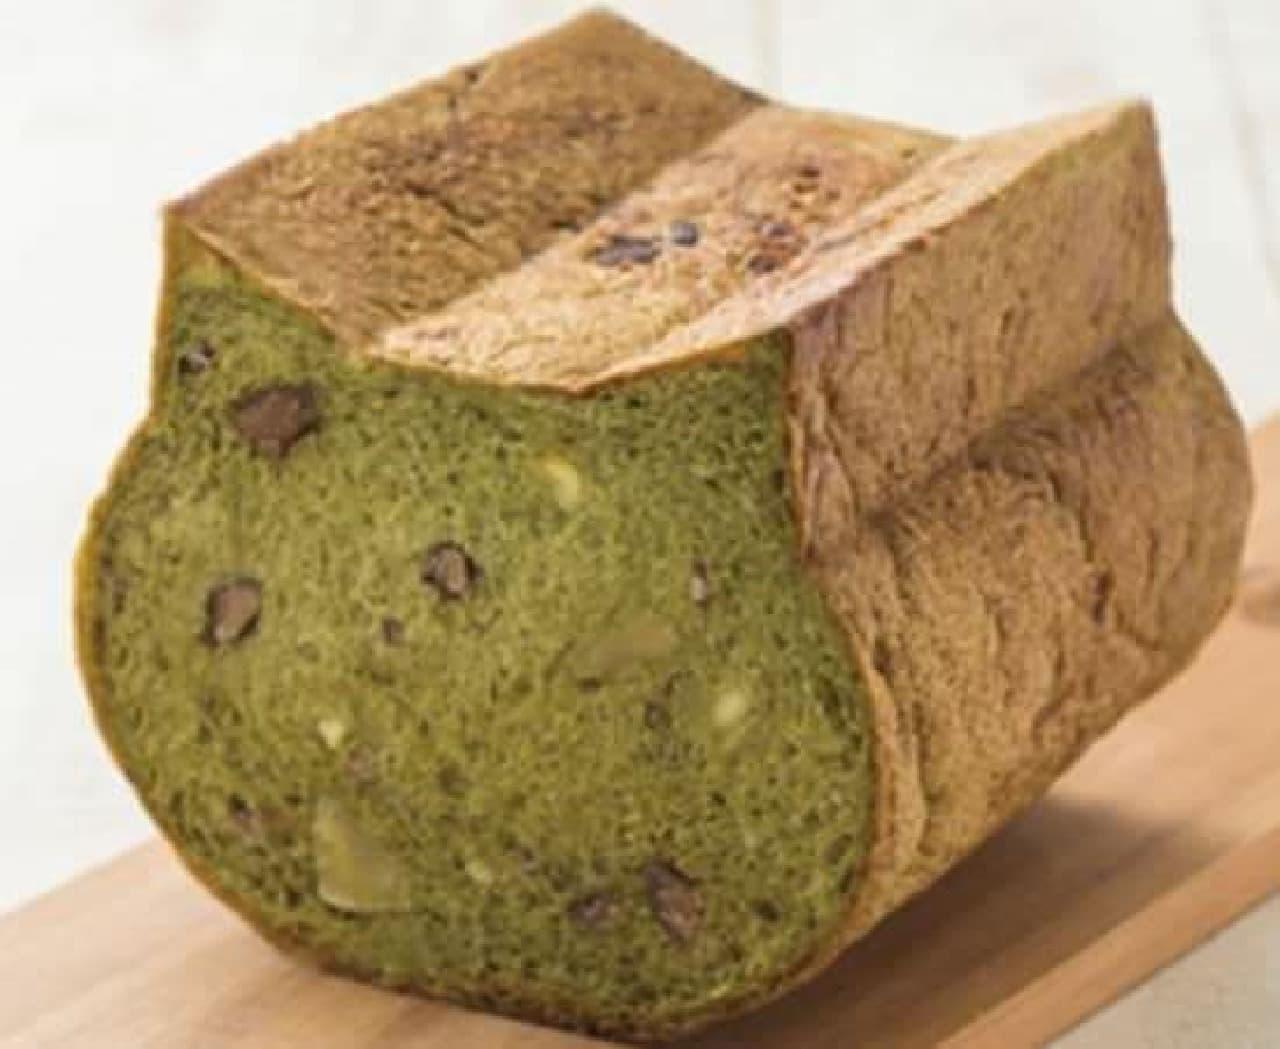 「いろねこ食パン+(プラス)は、ほろ苦い抹茶の生地に渋皮栗&甘露煮栗とほどよく甘い小豆を混ぜ込み焼きあげられたパン